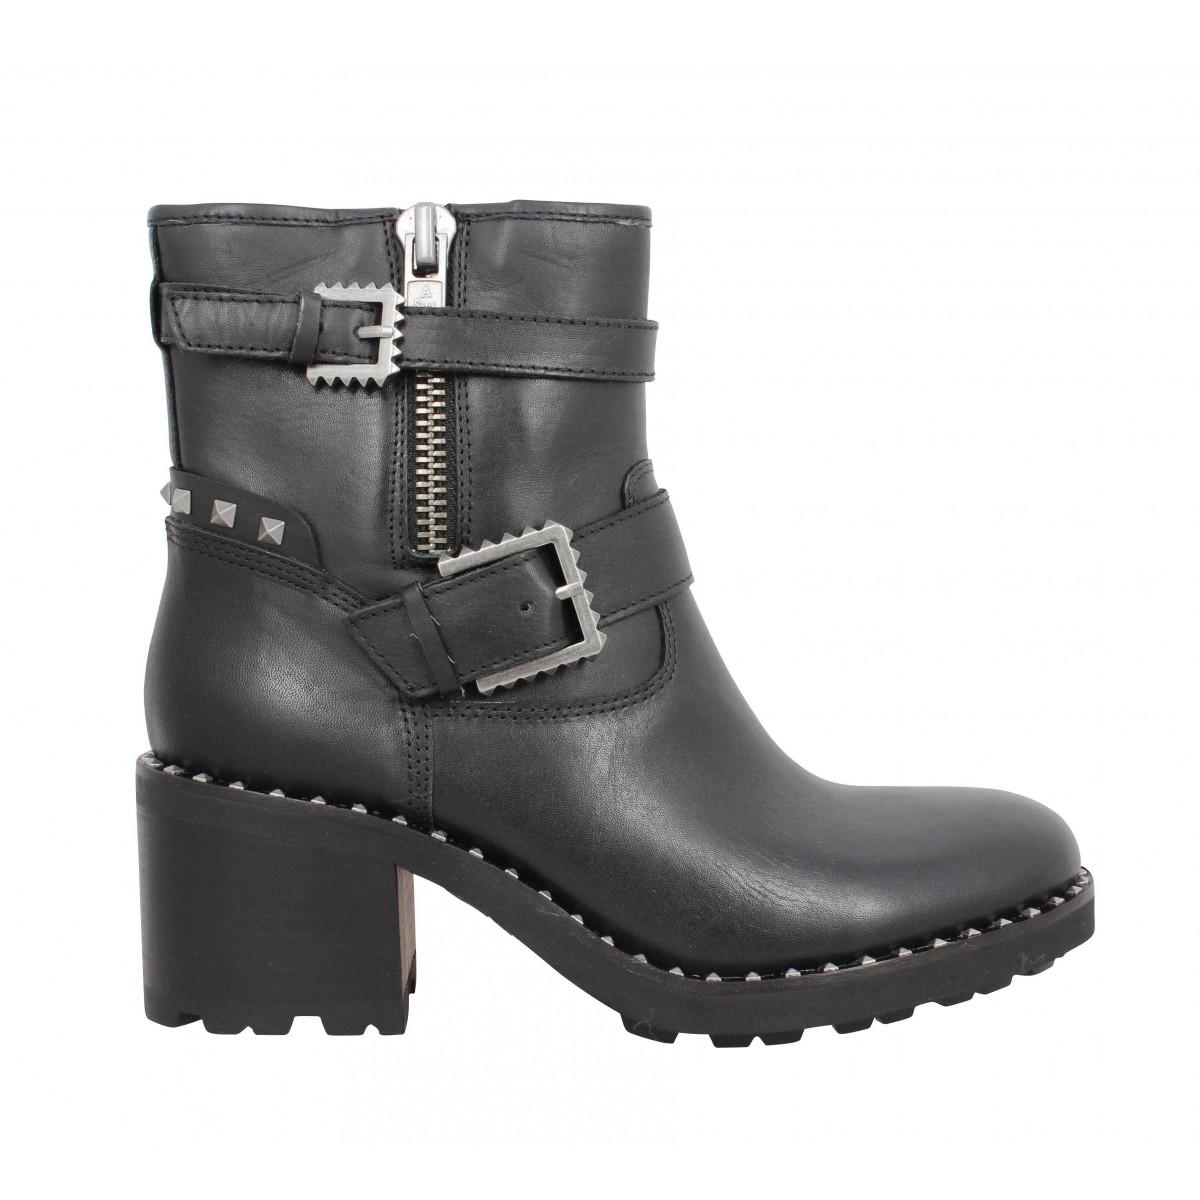 Xenon Femme Noir Cuir Chaussures Fanny Ash 7UwZqgq